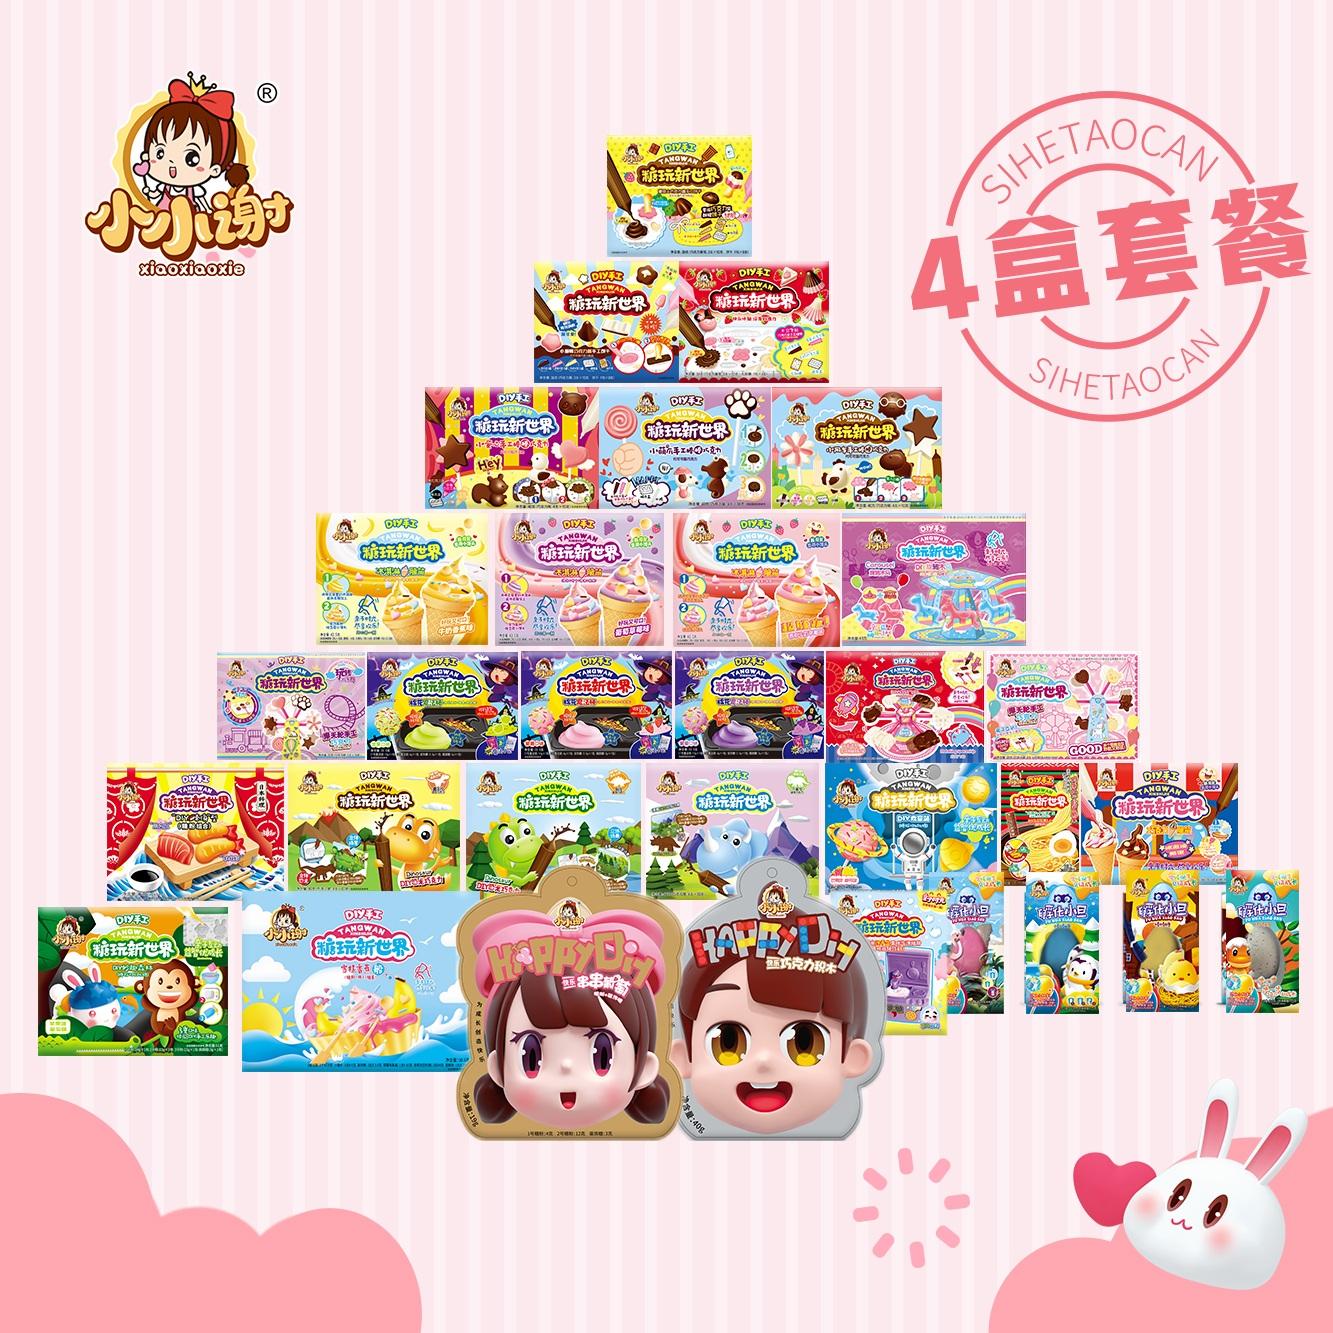 小小谢糖玩新世界DIY食玩日本手工巧克力棉花糖冰淇淋益智玩具